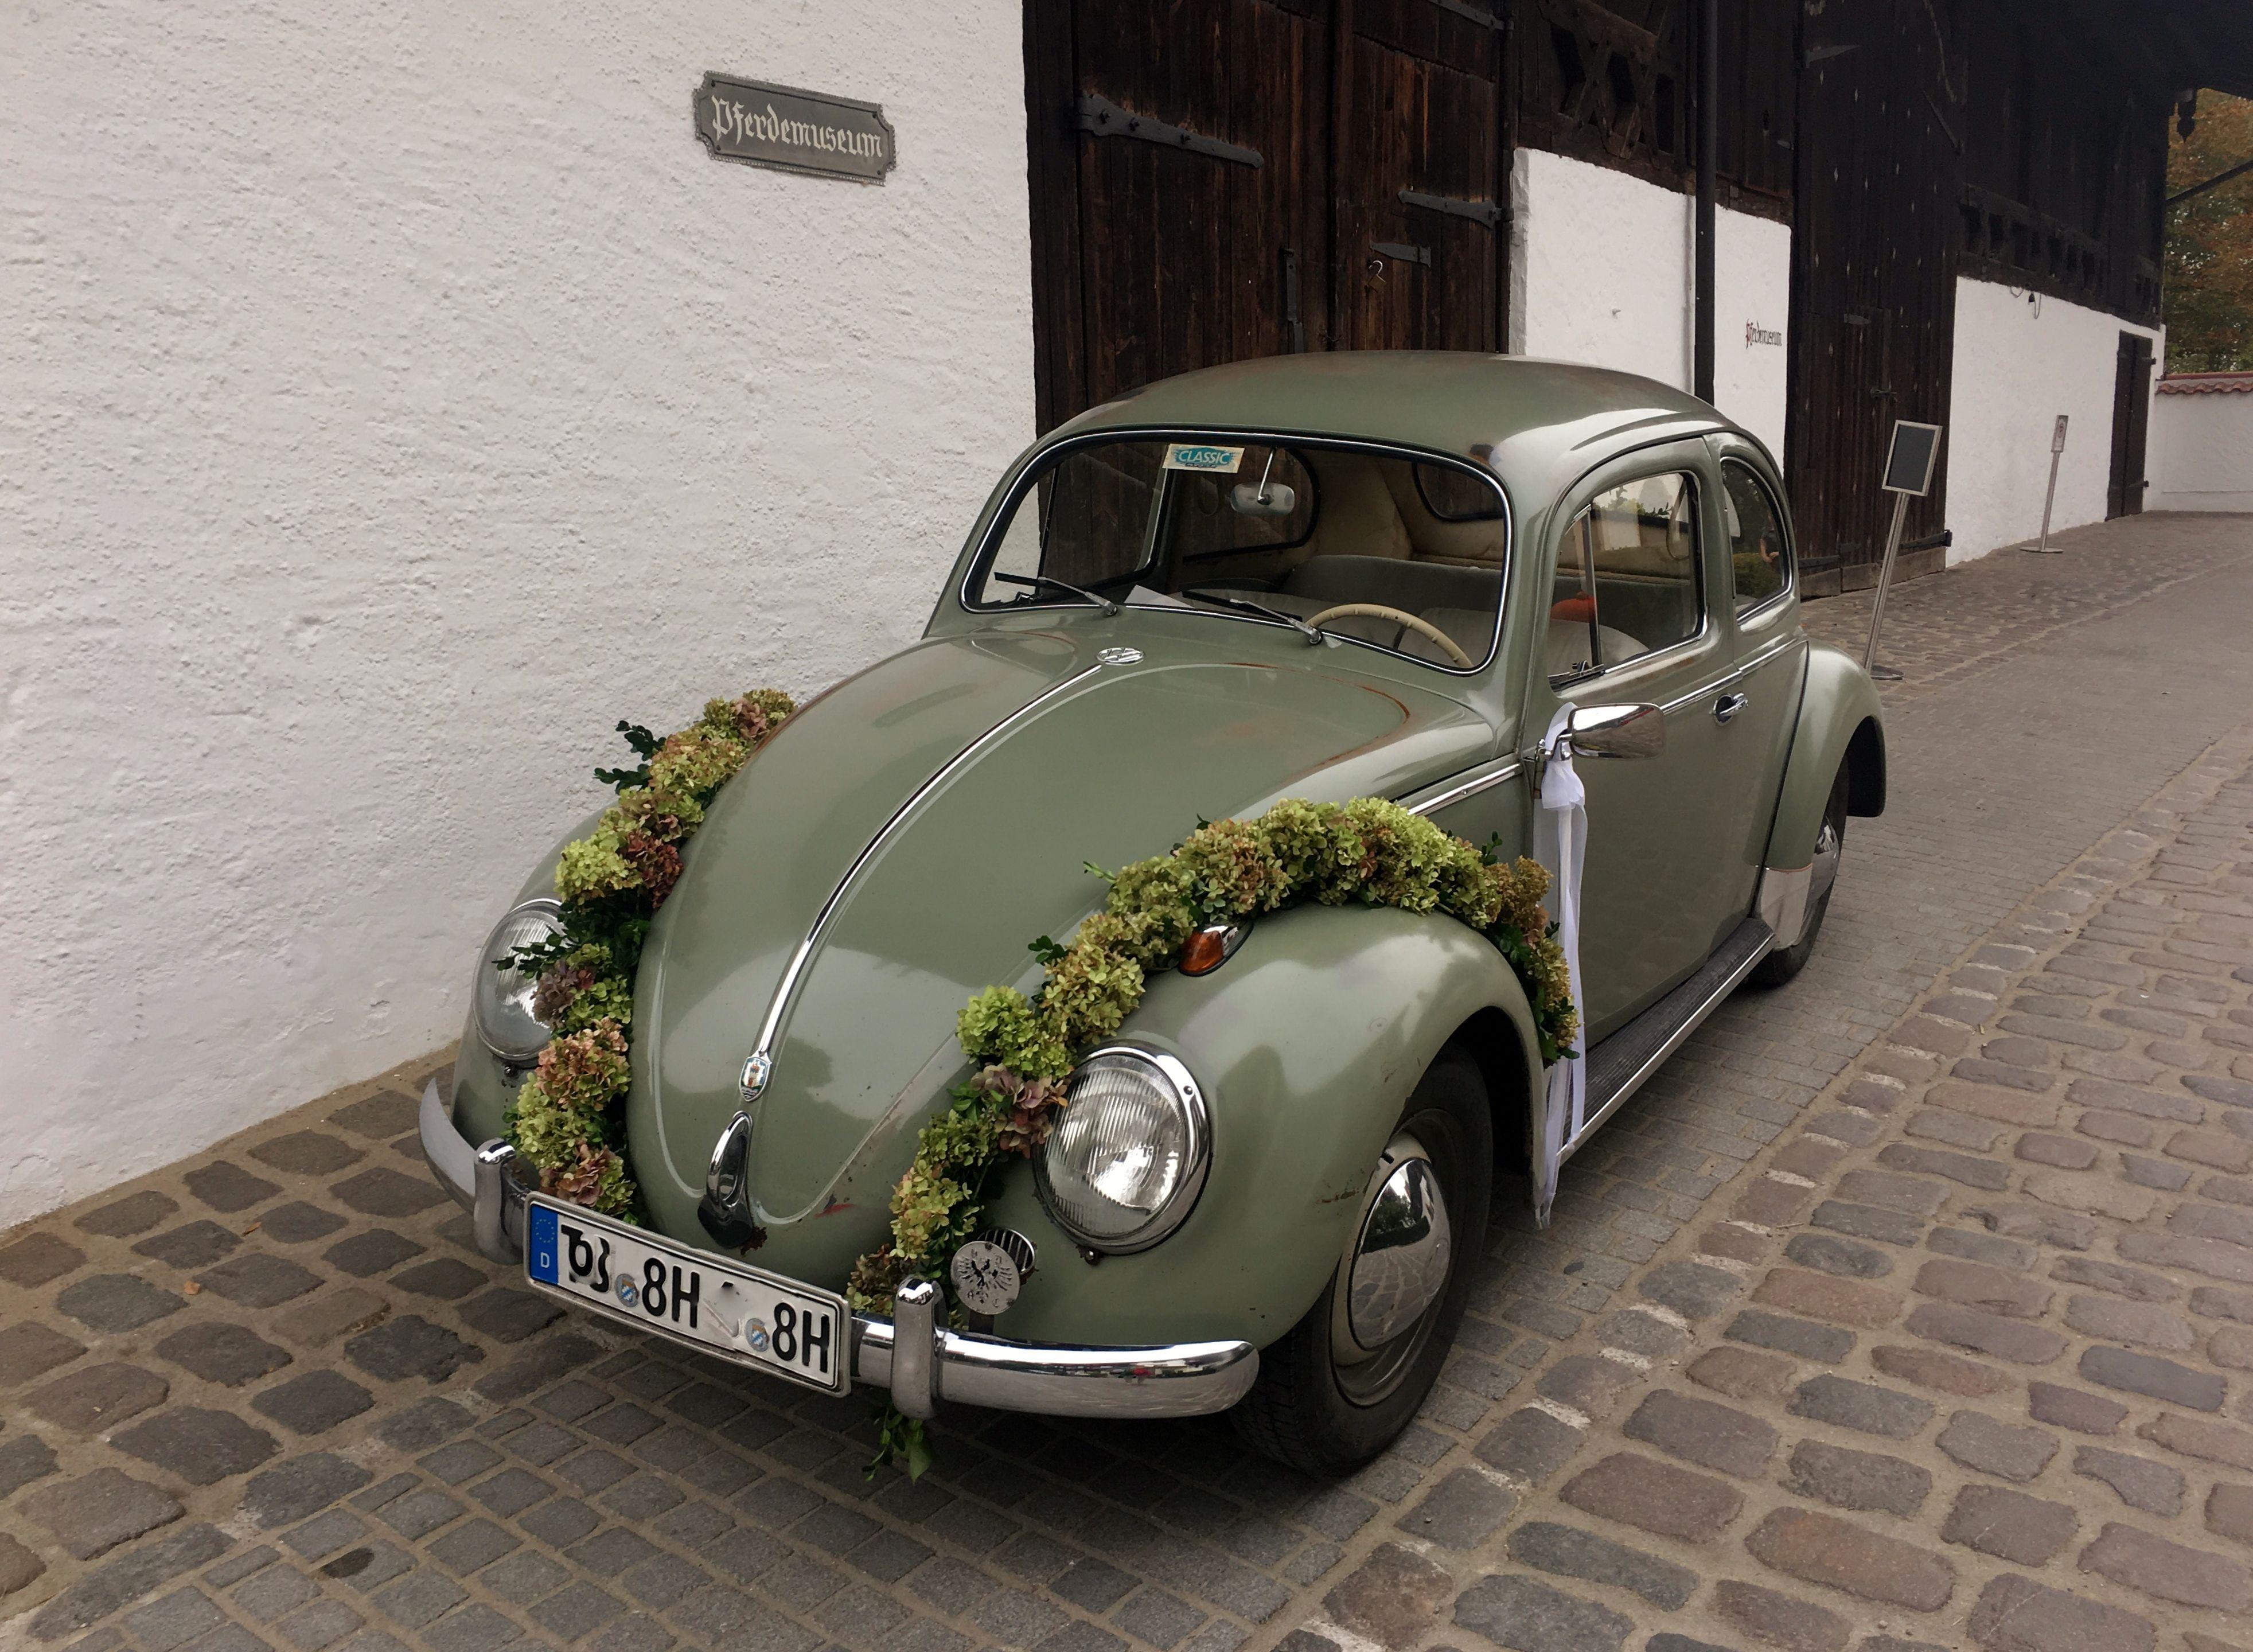 Hochzeitsauto   Septemberhochzeit #wedding #car #hochzeitsauto #dekoration #hochzeit